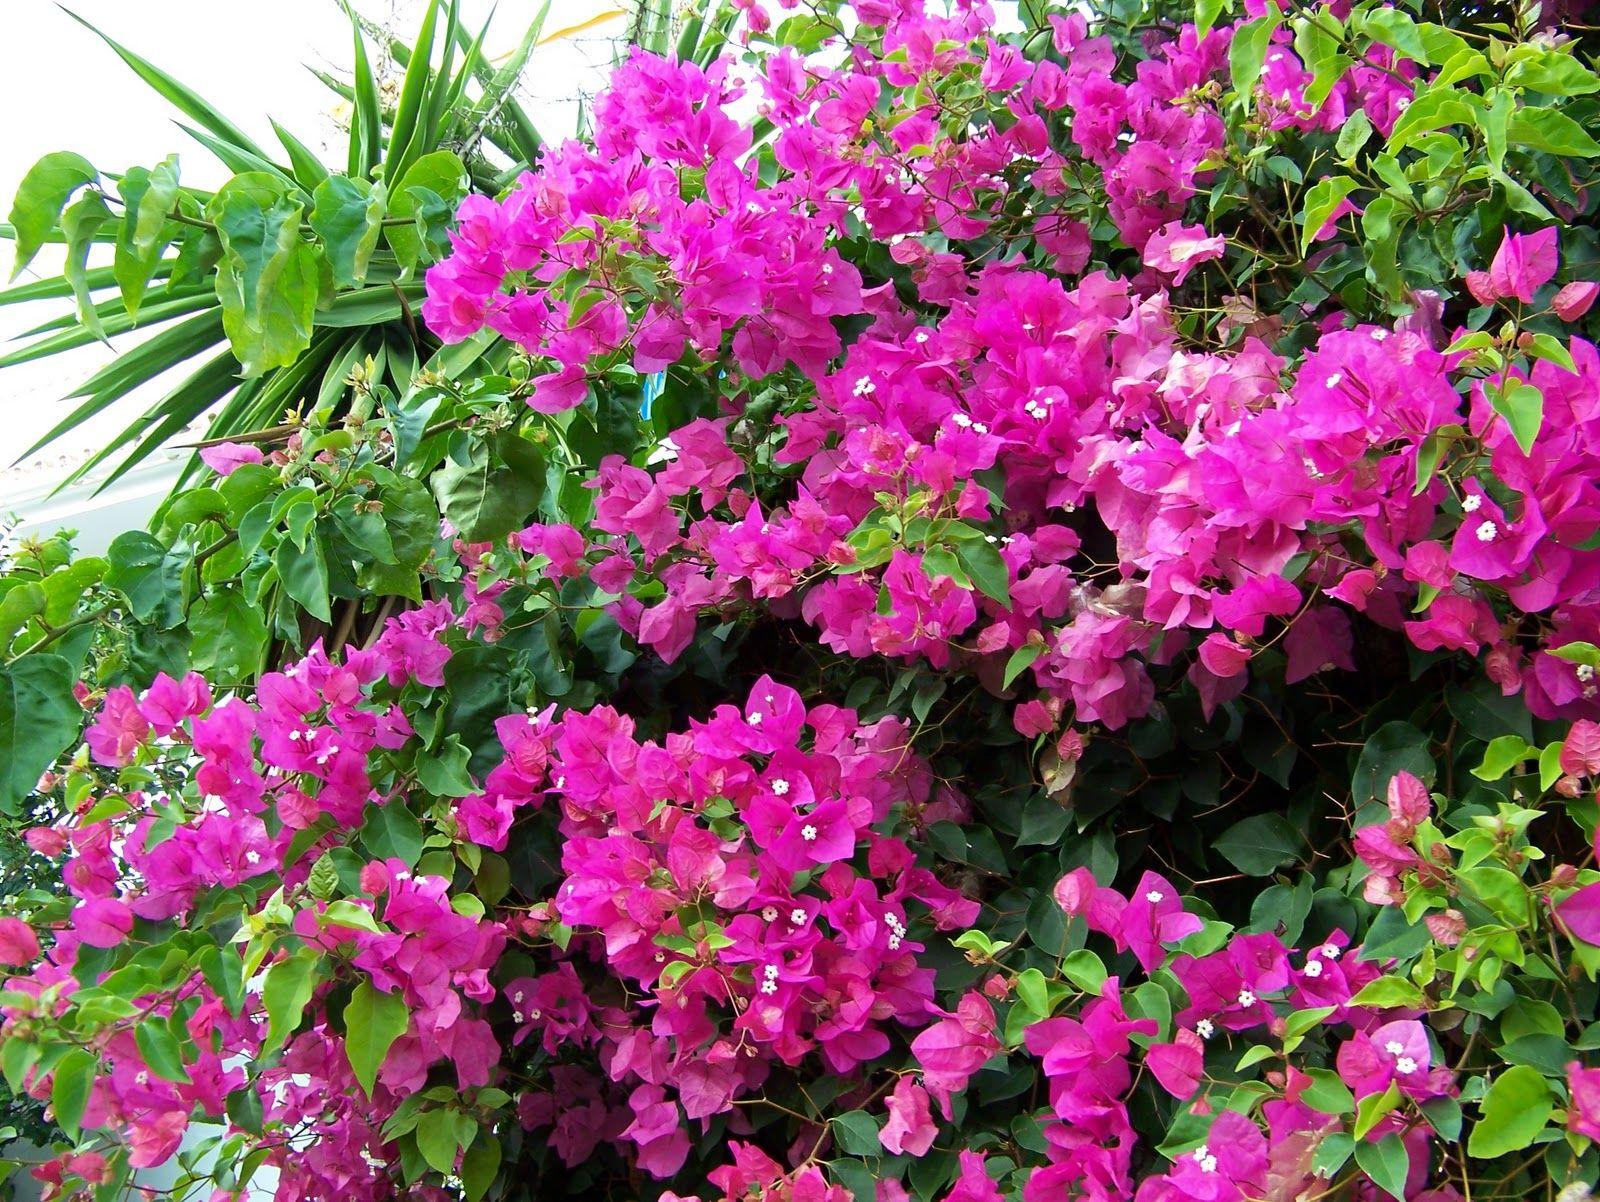 Cuidados de la buganvilla plantas y flores plantas pinterest buganvilla cuidados - La buganvilla ...